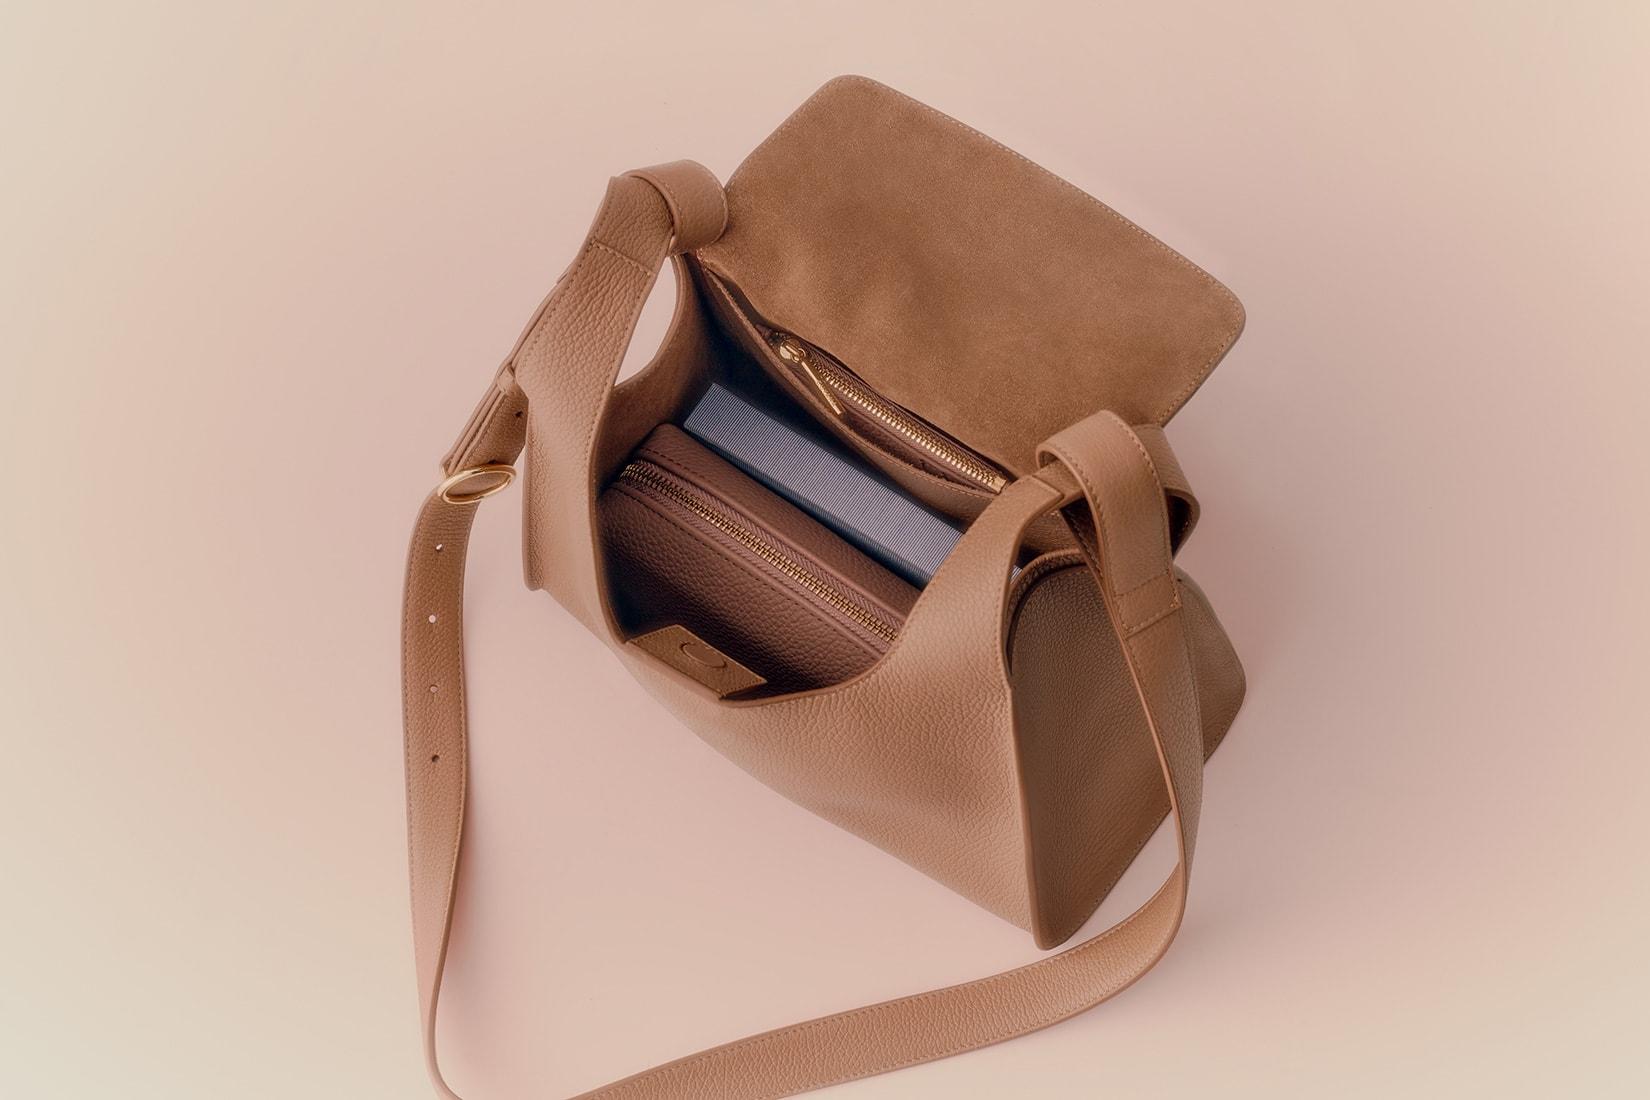 Cuyana double loop bag - Luxe Digital